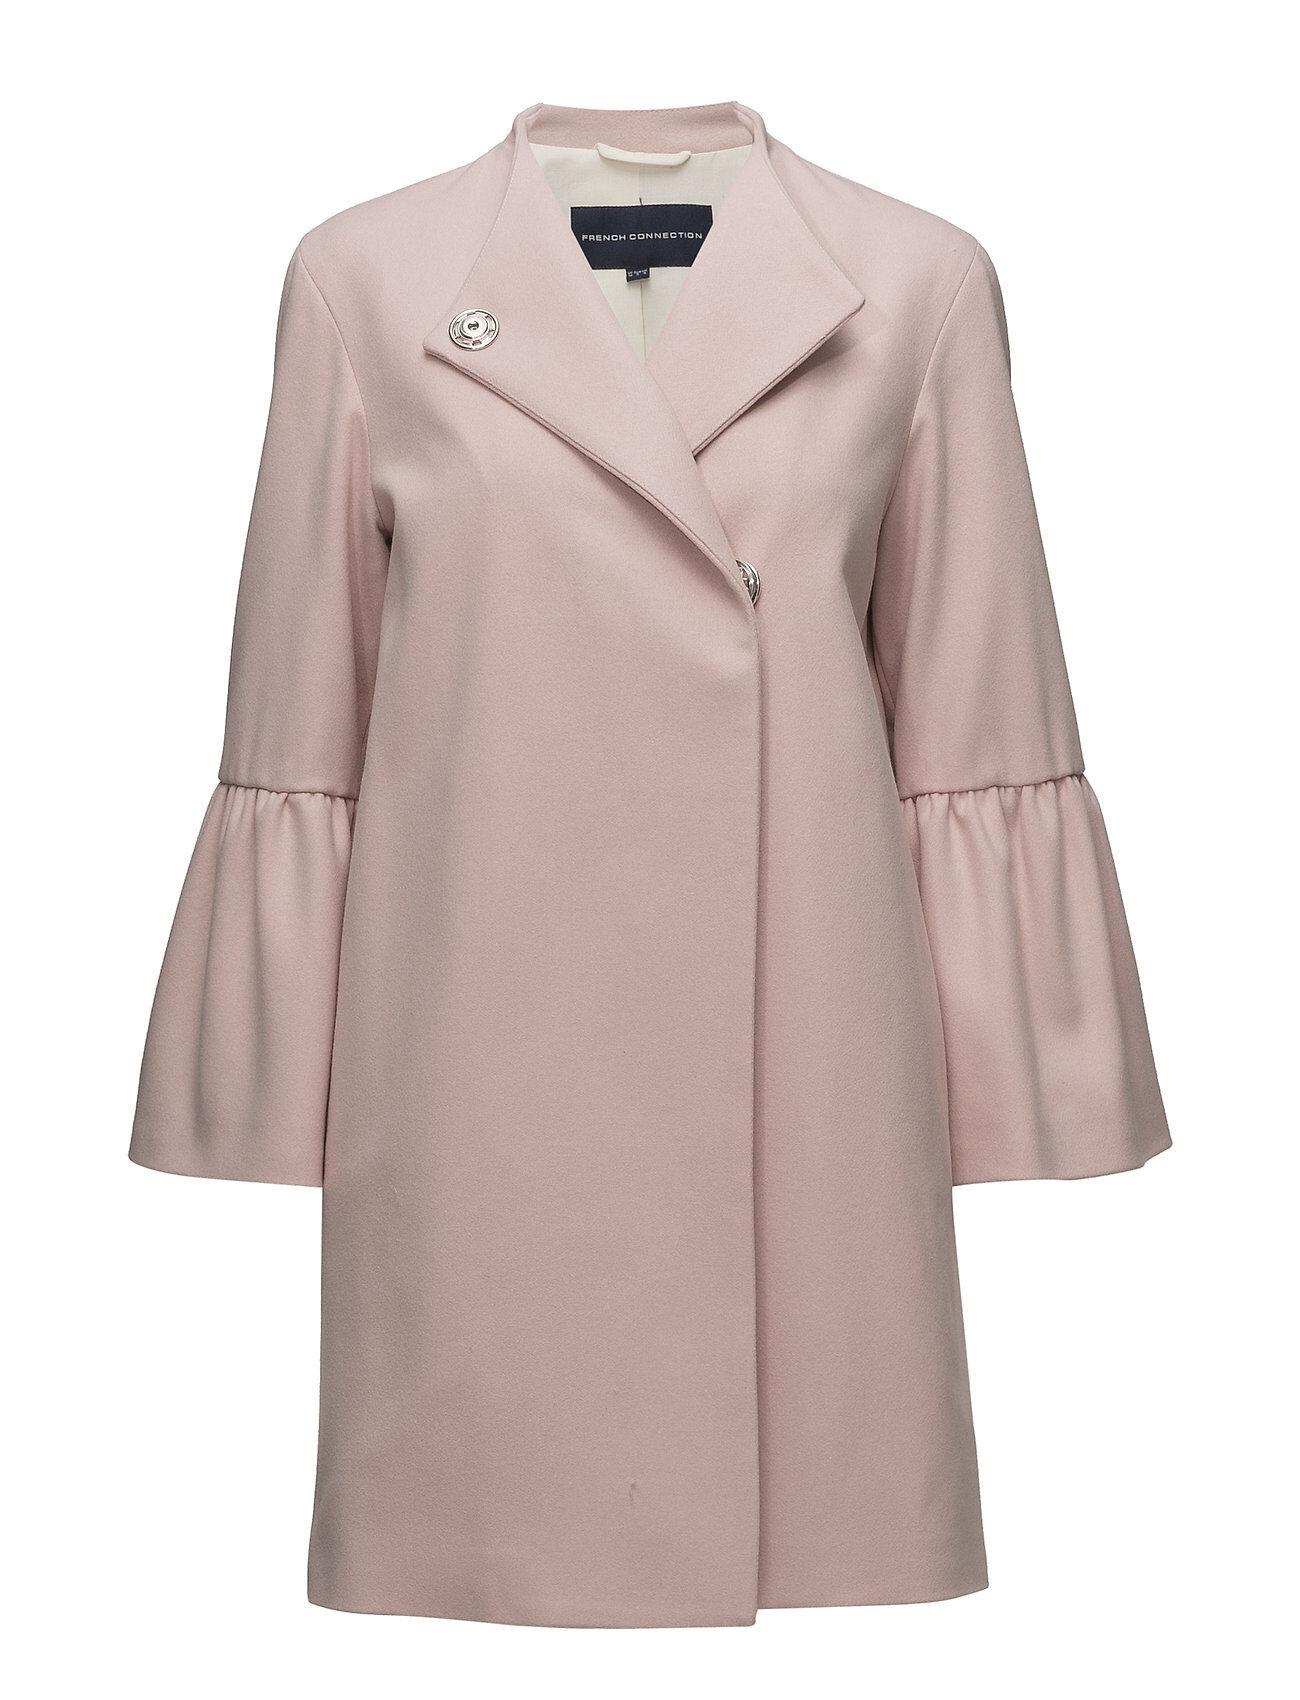 French Connection Platform Felt Bell Sleeve Coat Villakangastakki Pitkä Takki Vaaleanpunainen